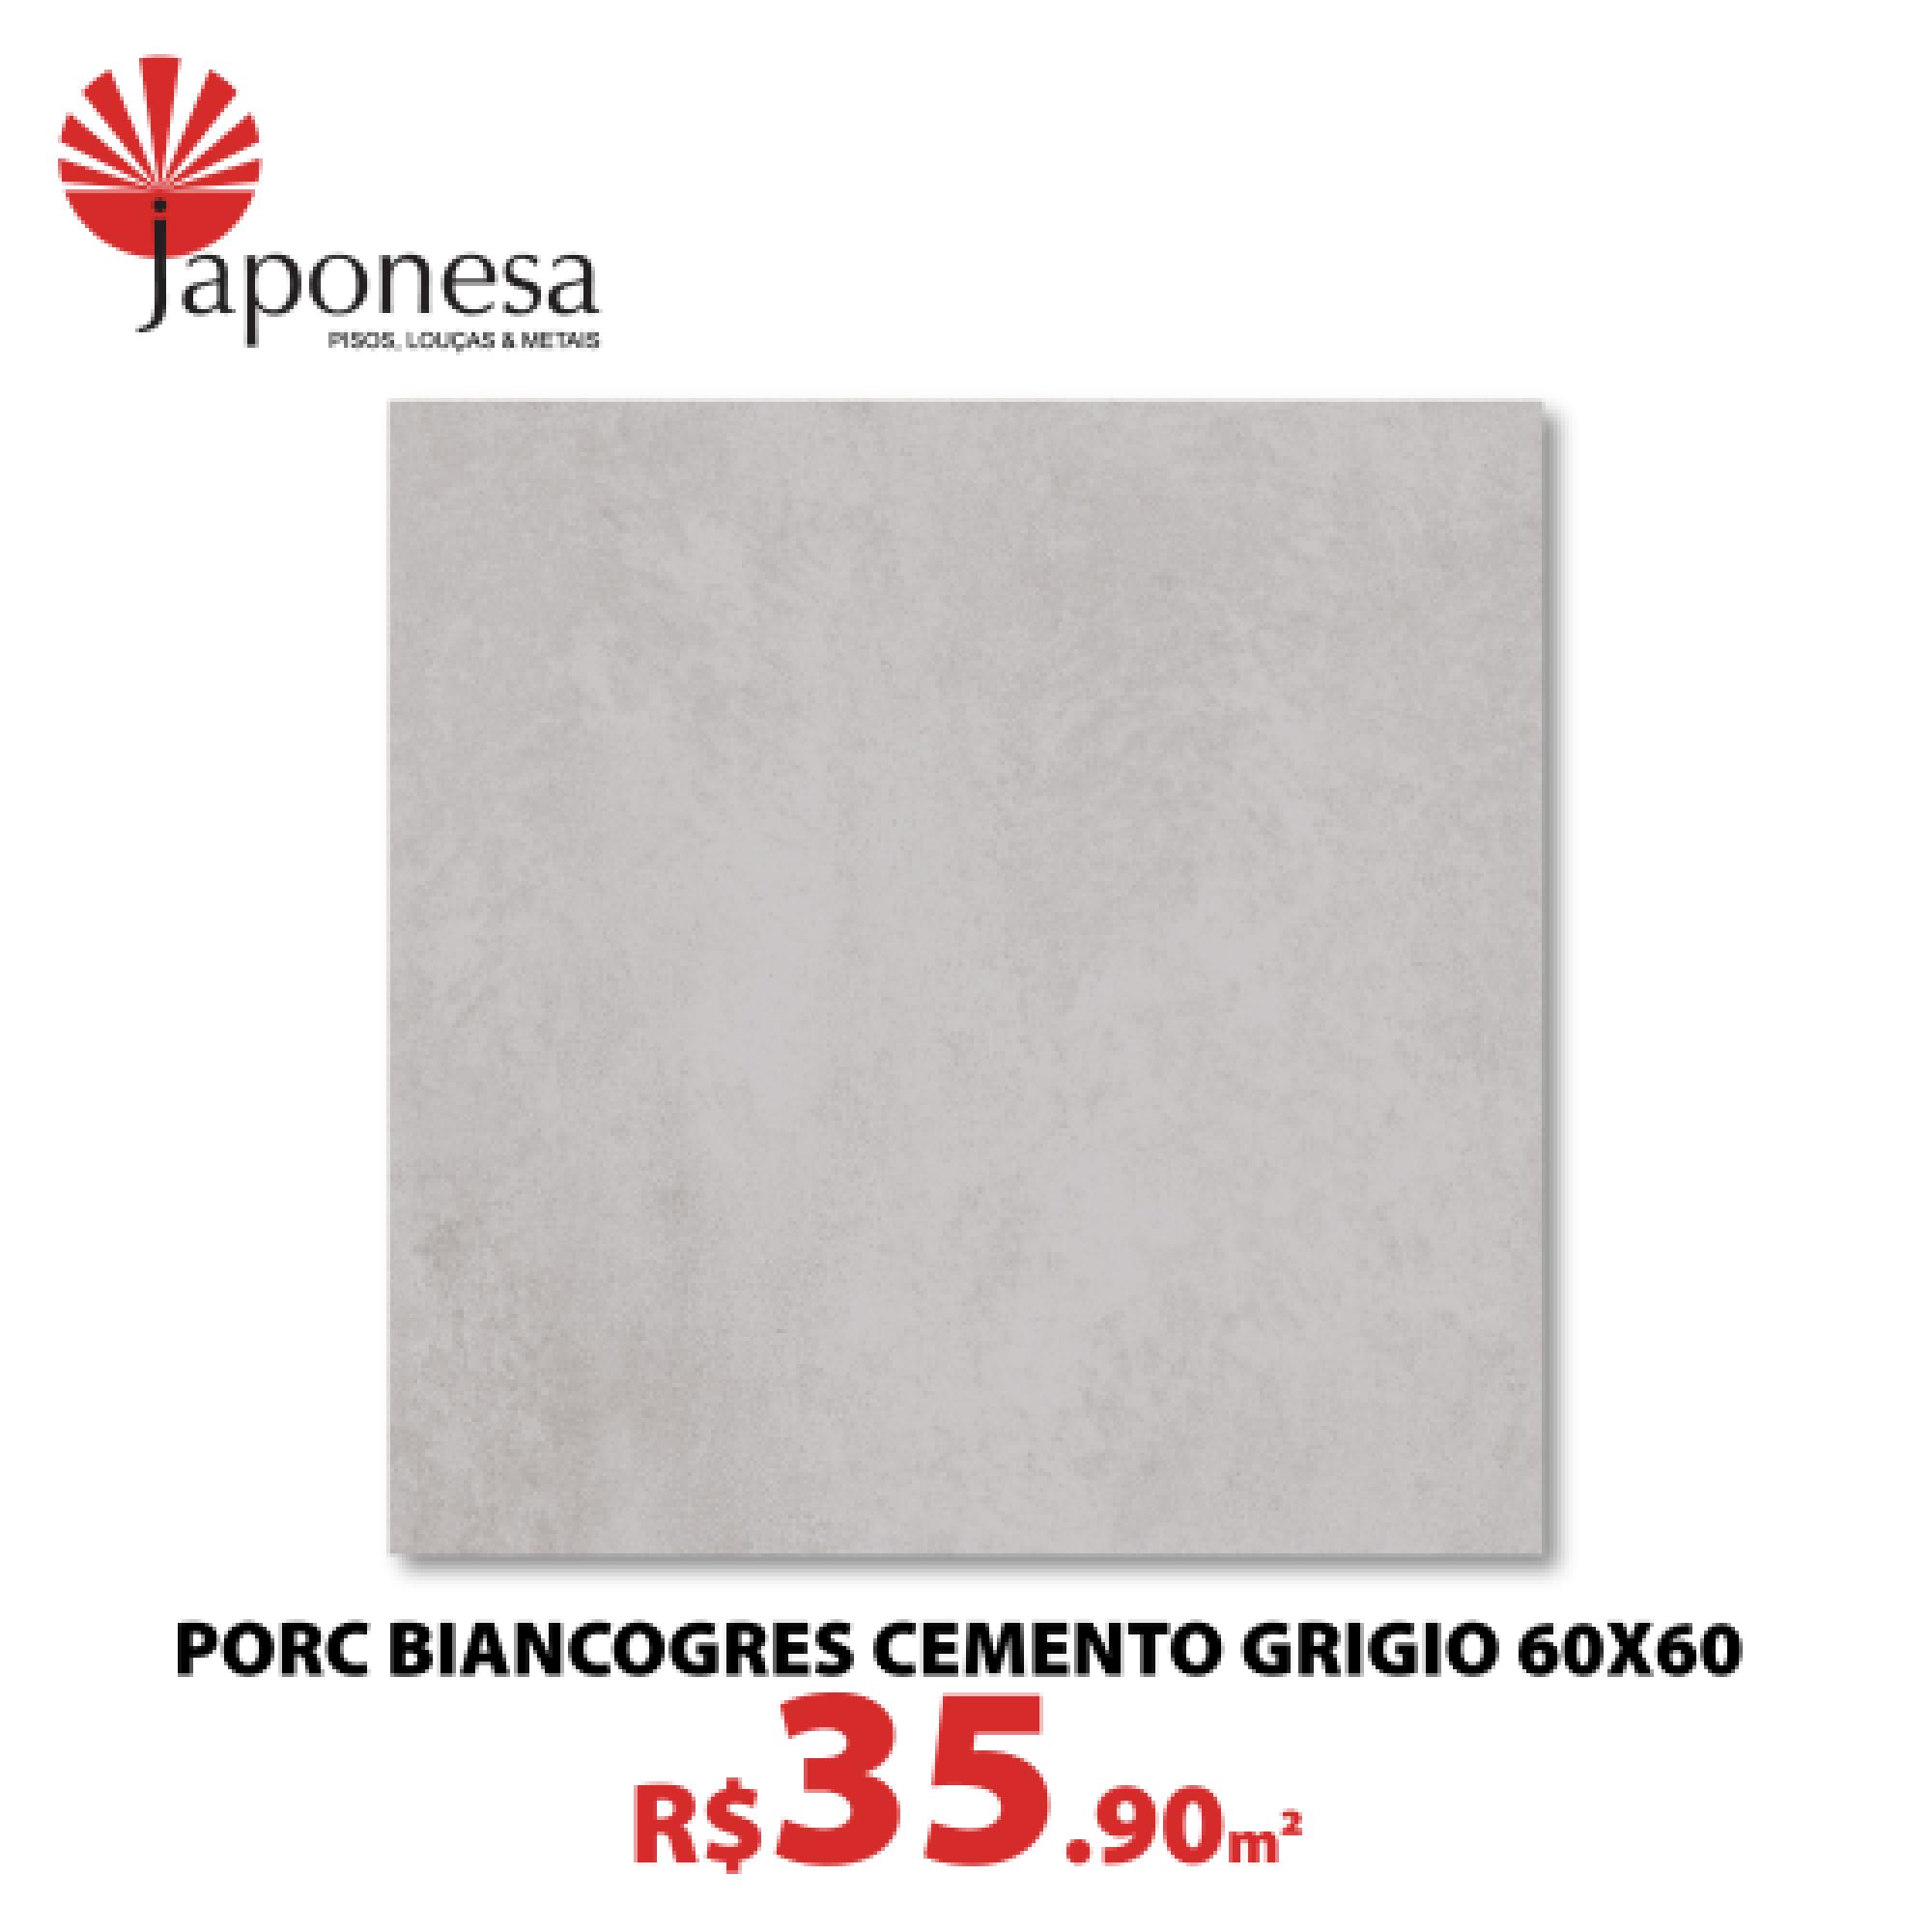 Porc Biancogres Cemento Grigio 60×60